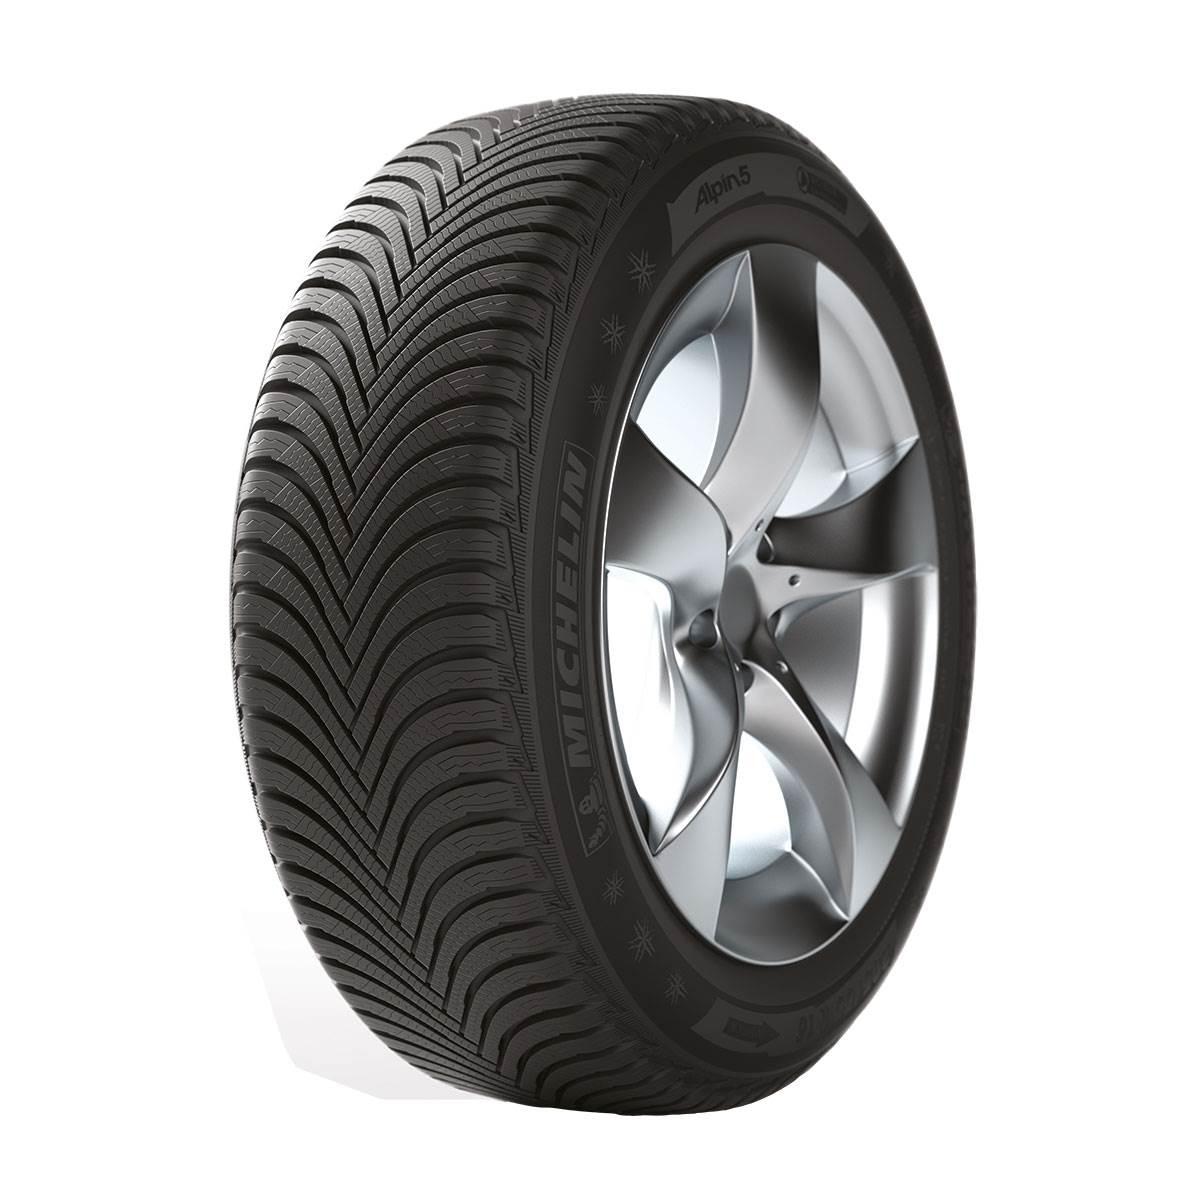 Pneu 4X4 Hiver Michelin 215/60R17 100H Alpin A5